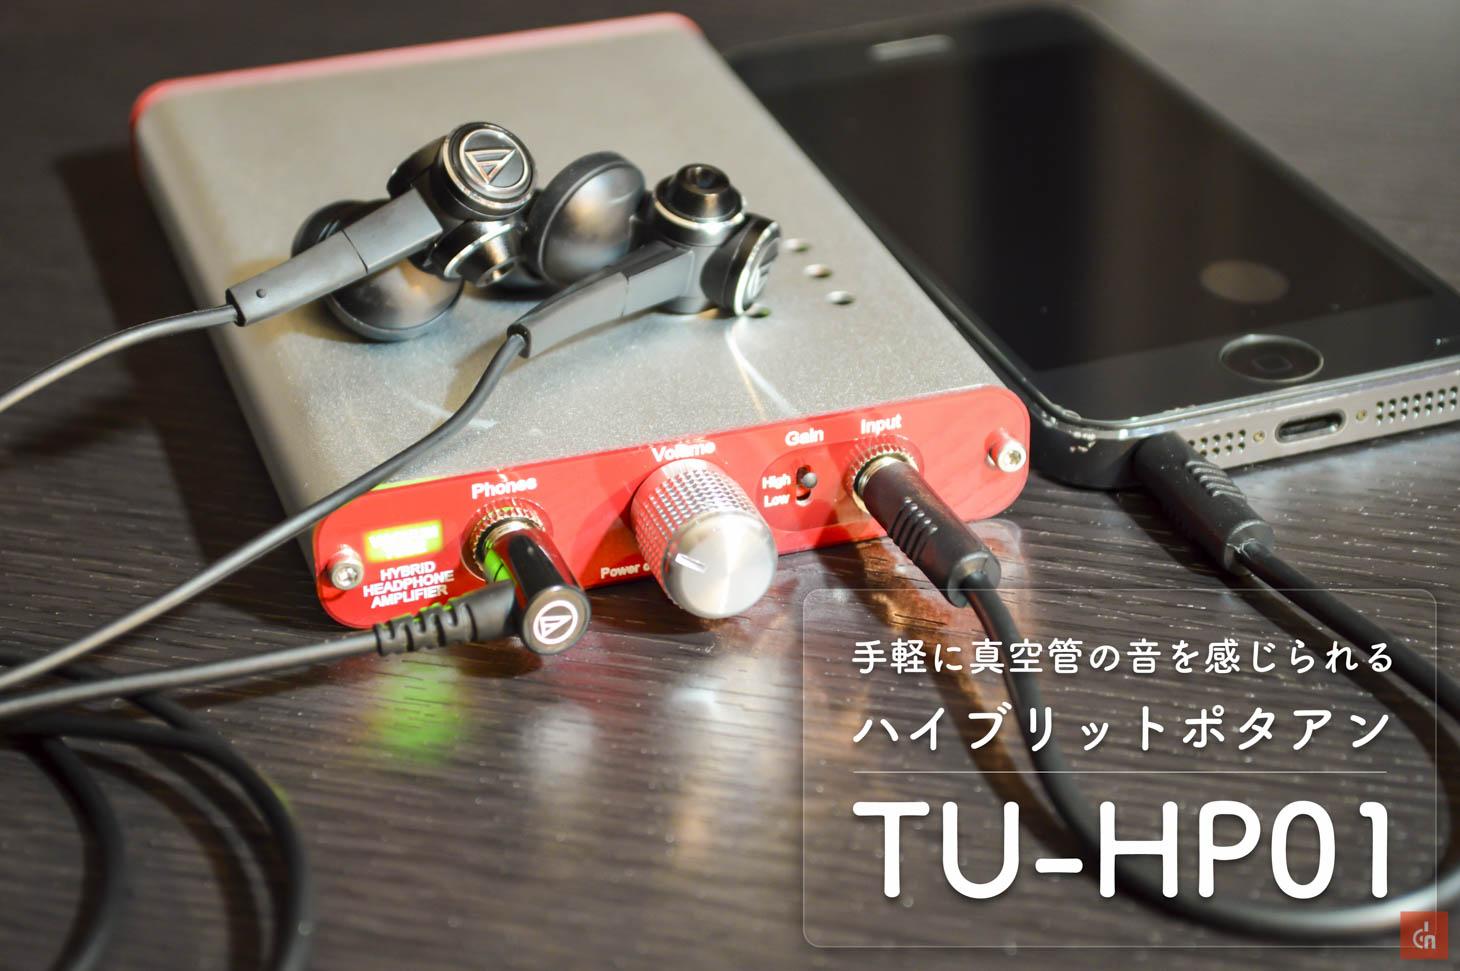 030_20160306_tu-hp01